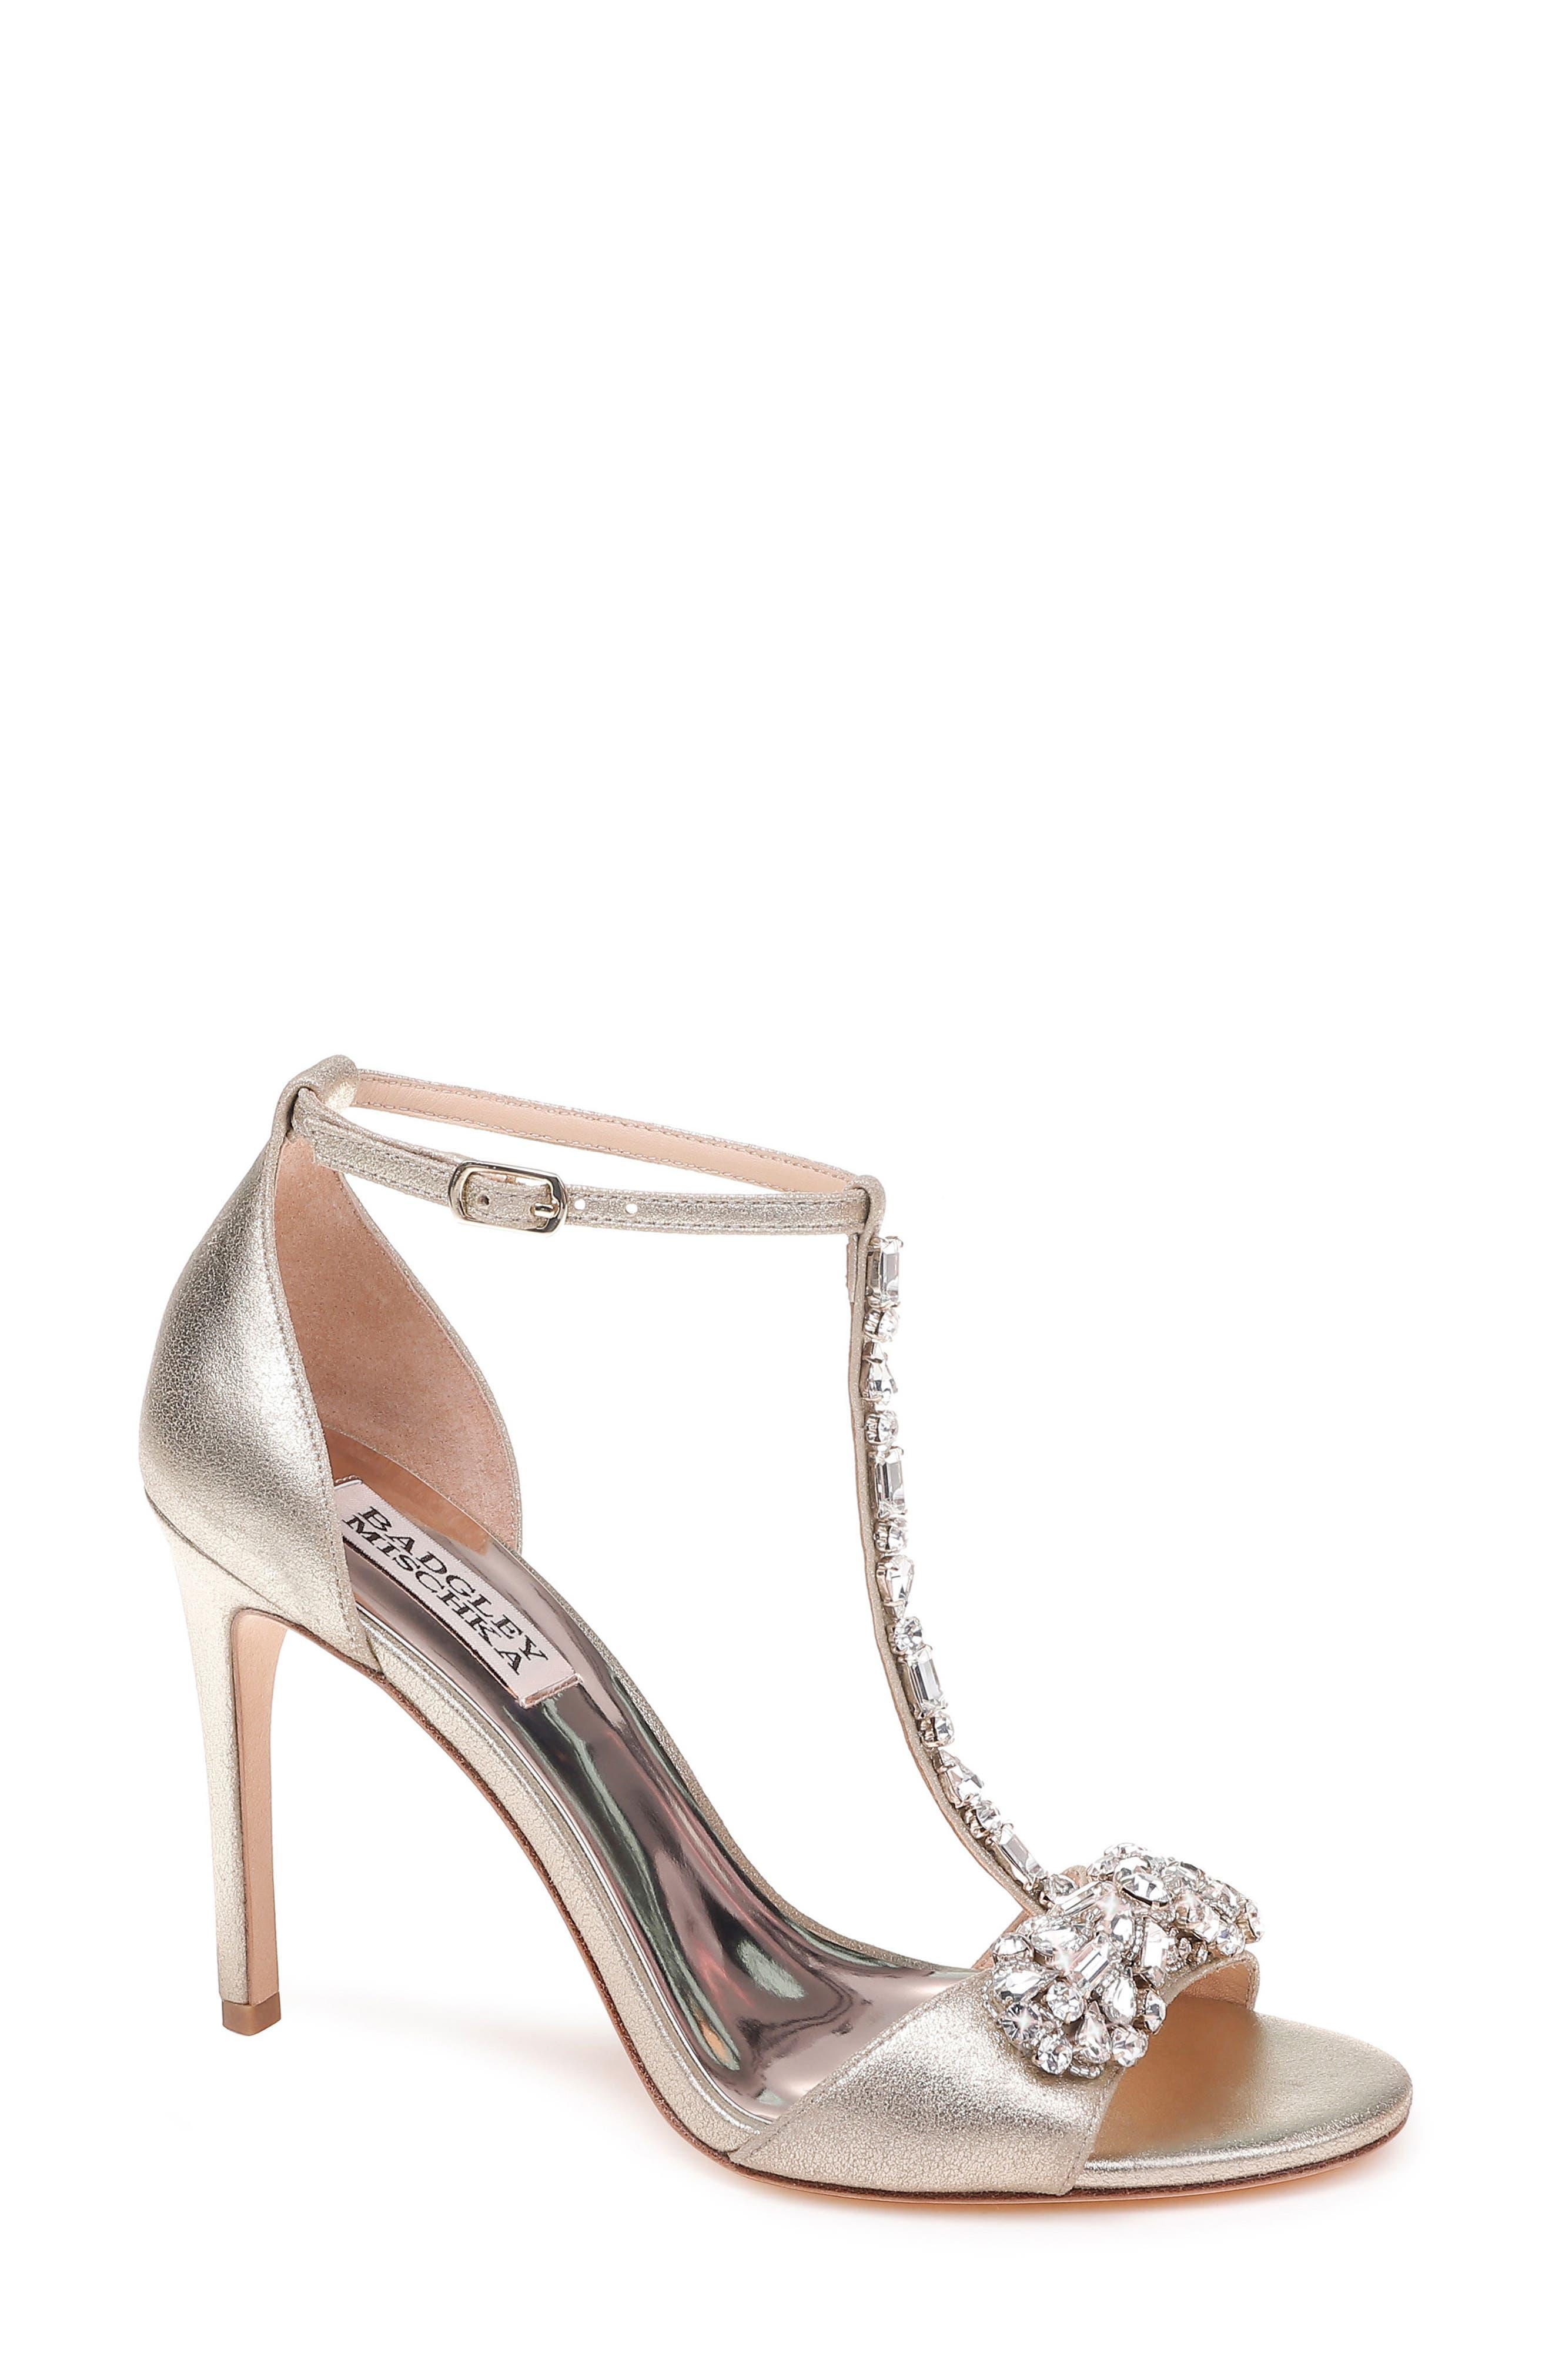 Pascale T-Strap Sandal,                         Main,                         color, Platinum Metallic Suede